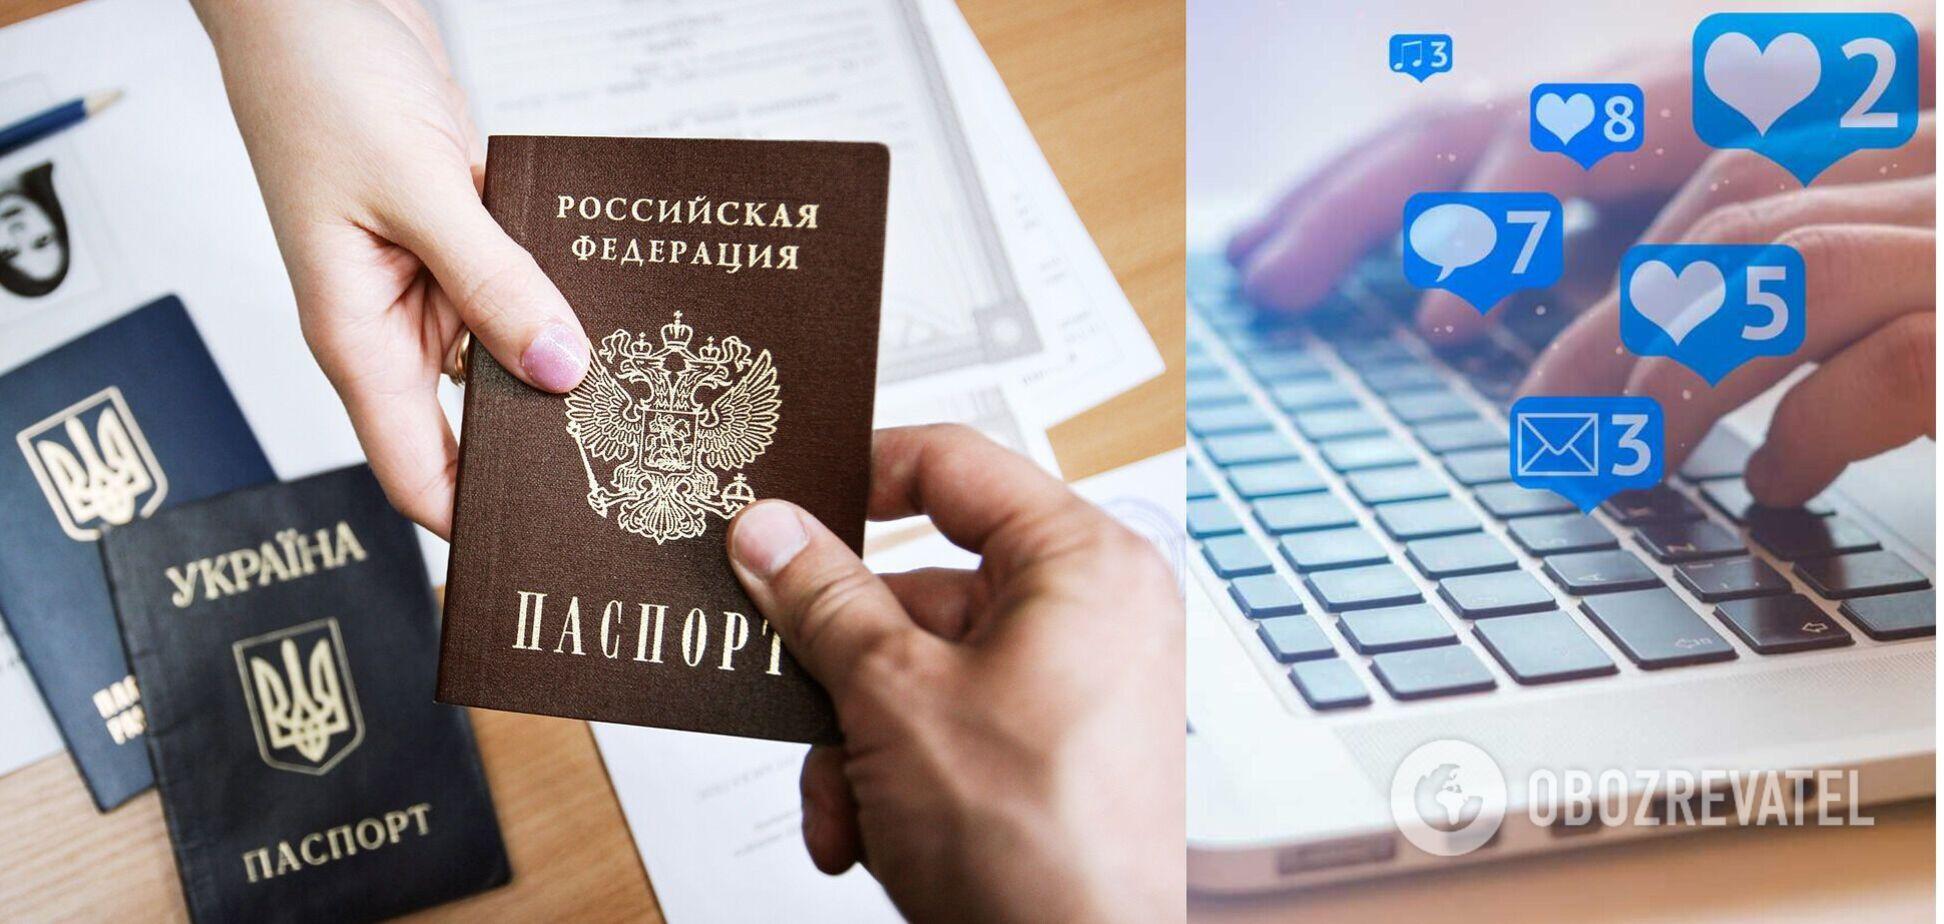 Українці підтримали пропозицію нардепів позбавляти громадянства власників паспортів РФ